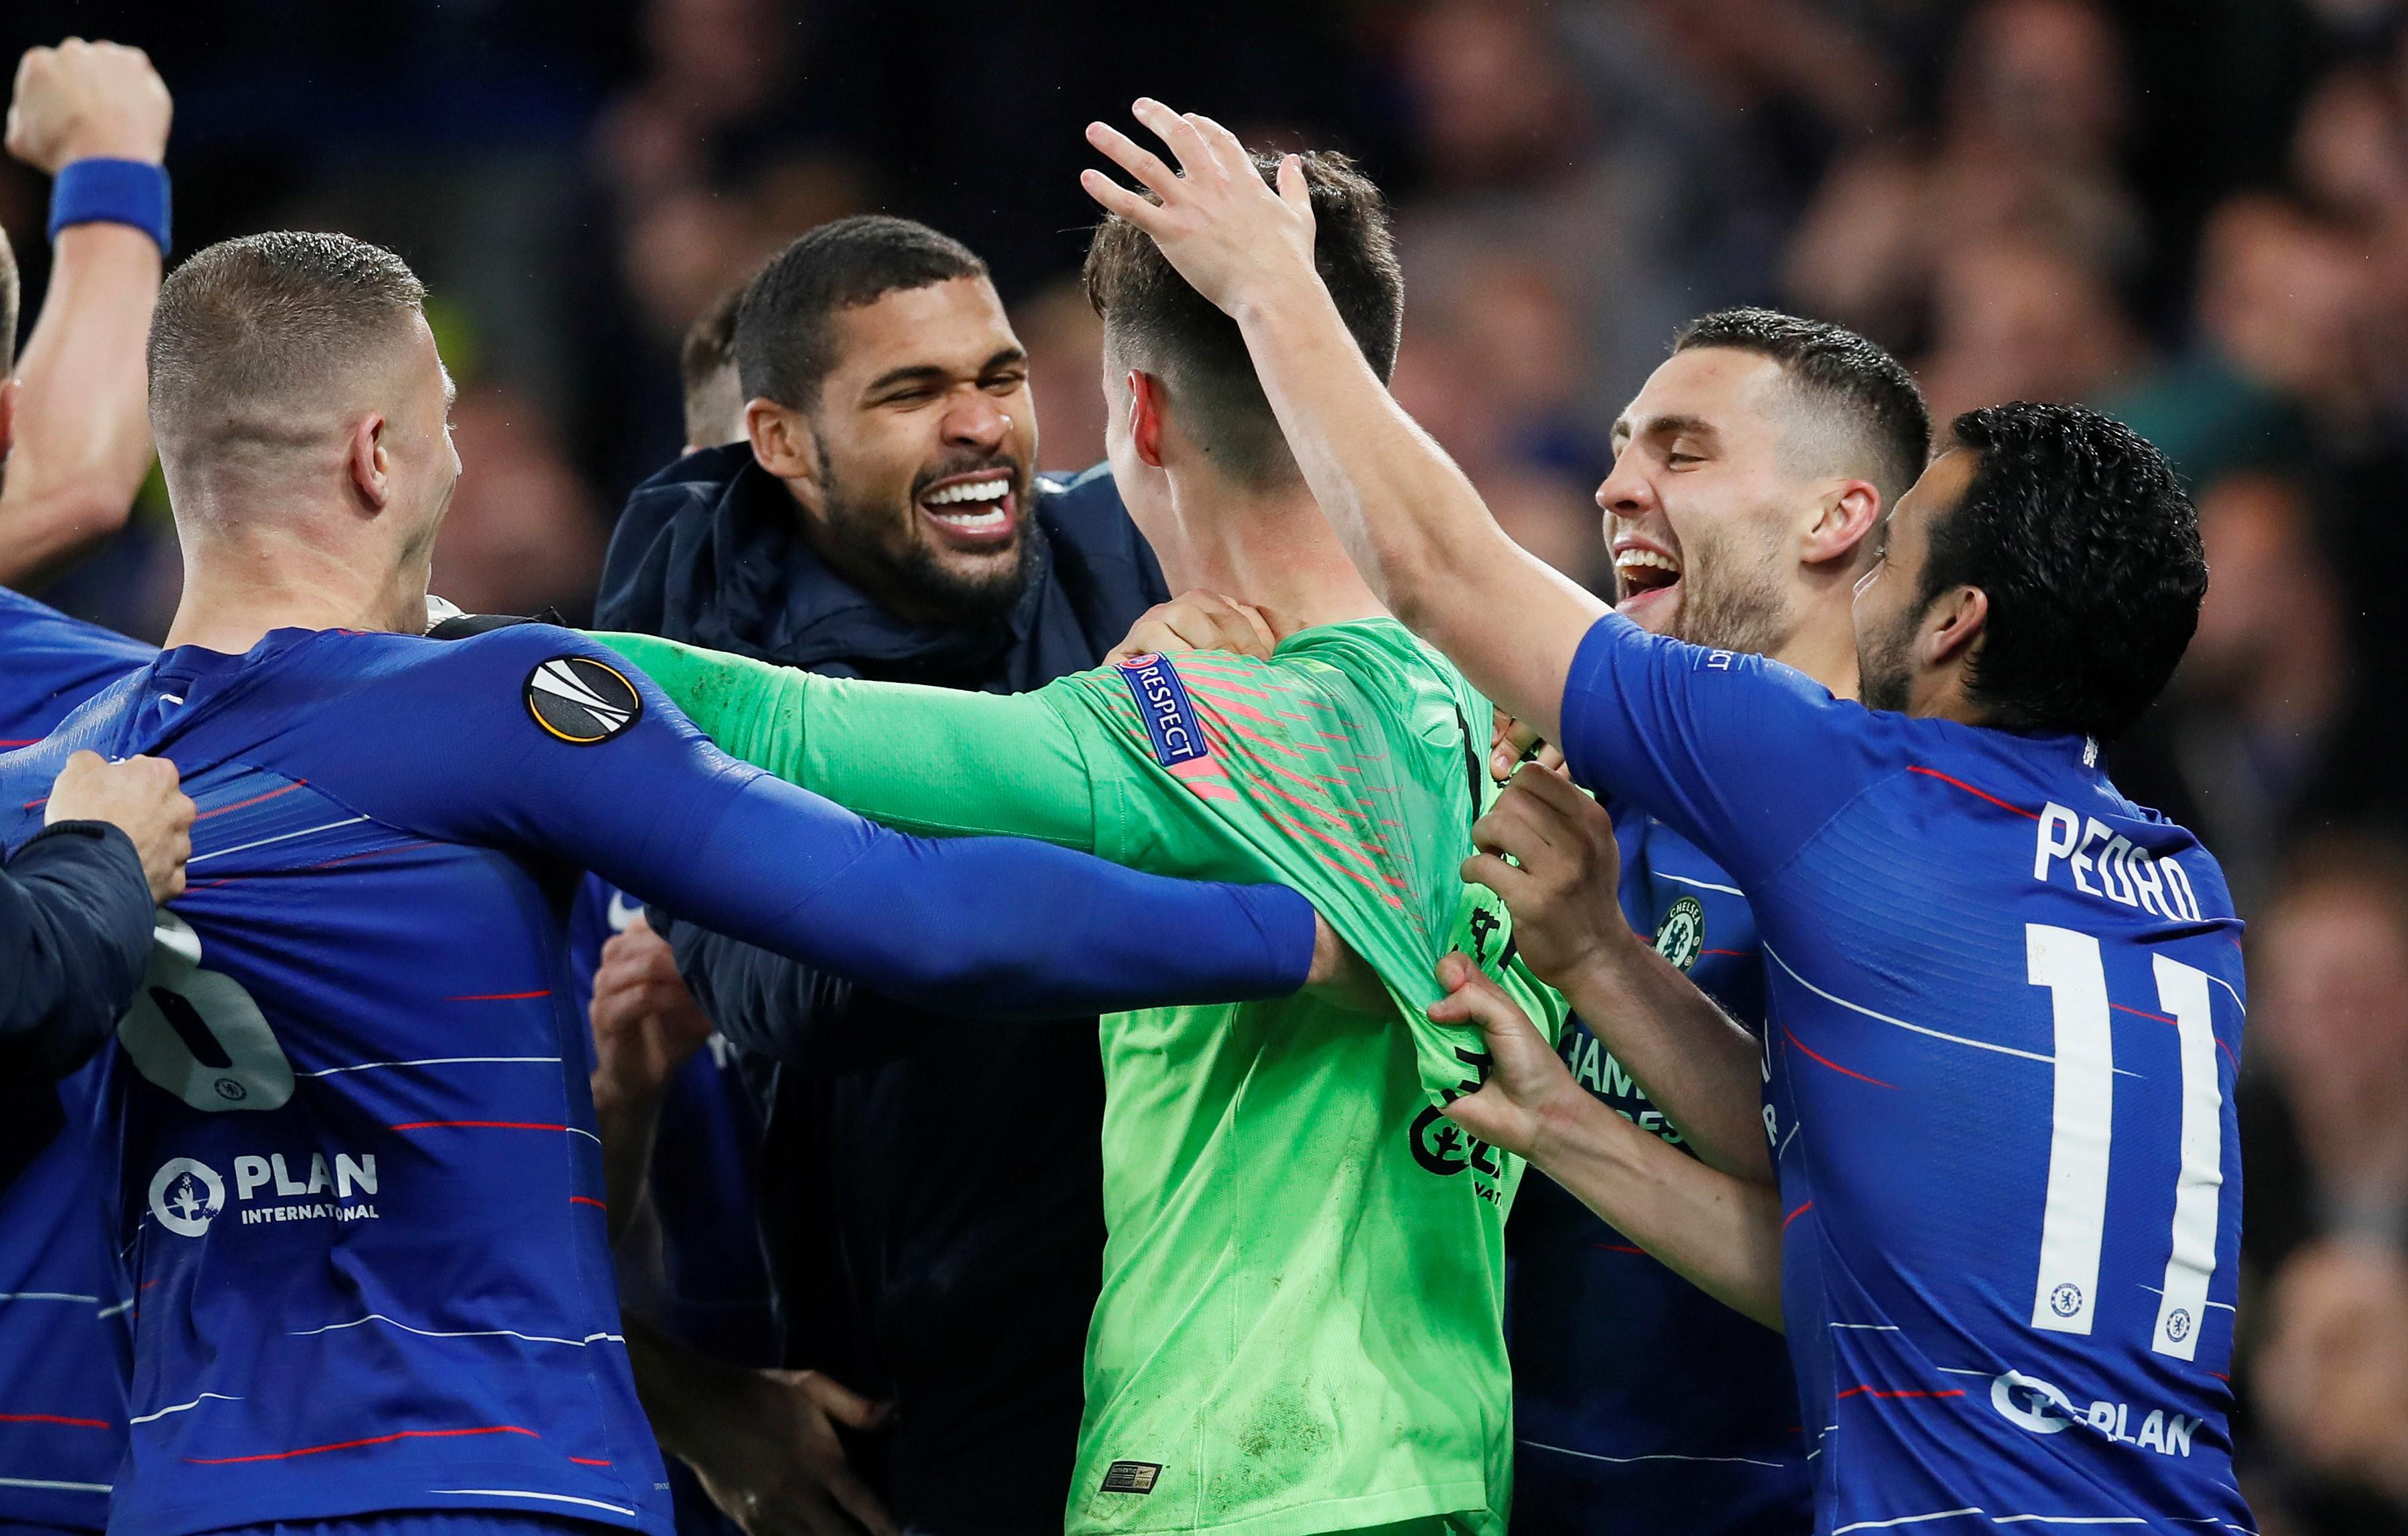 Chelsea, Avrupa Ligi finalinde Eintracht Frankfurt'u penaltılar sonucunda eledi. Kaleci Kepa, iki penaltı kurtardı.